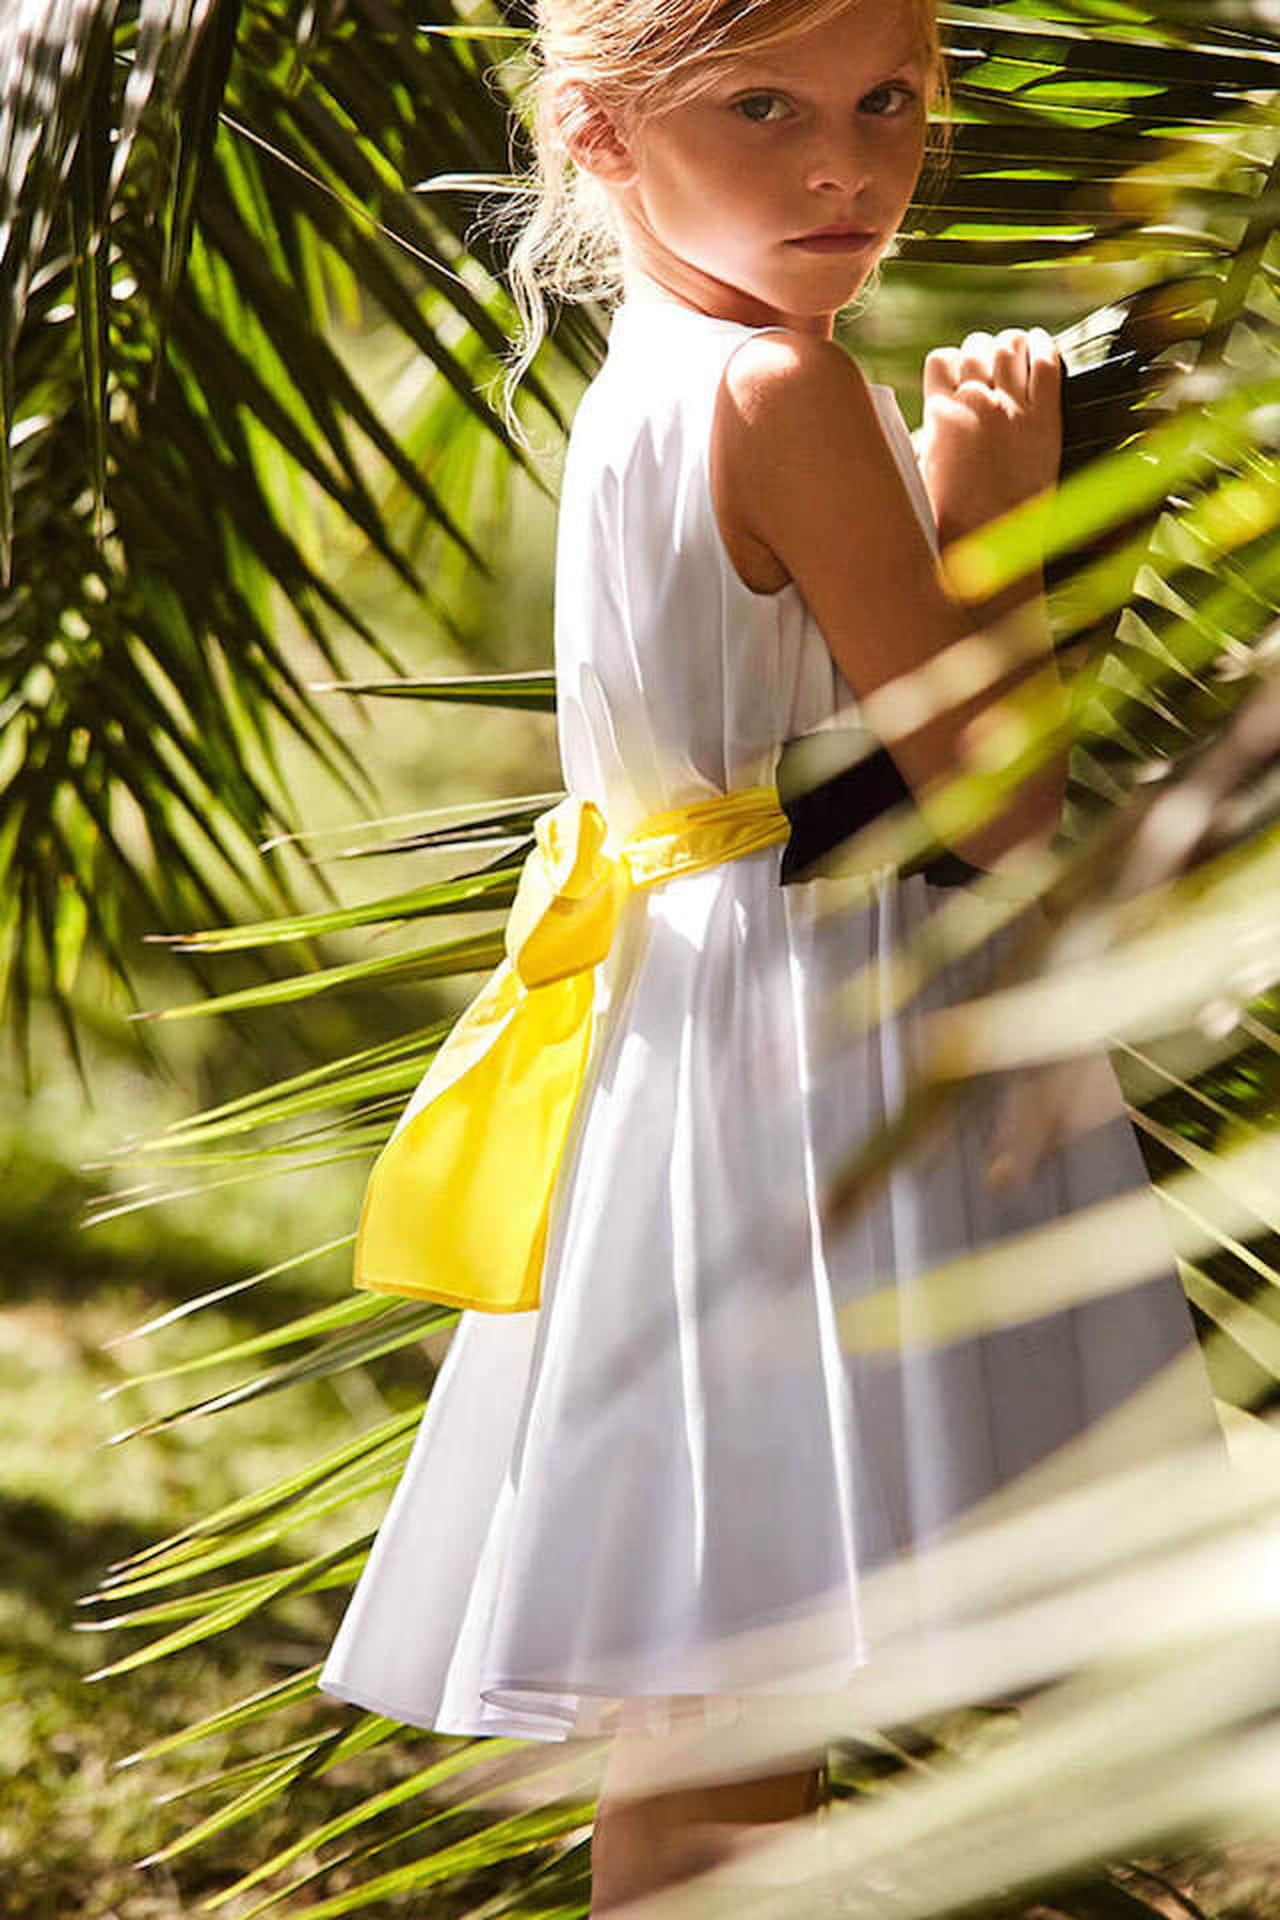 Ha tre colori l abito da bimba proposto da Il Gufo  il vestitino è bianco  mentre la fascia in vita è bi-color nera e gialla. © Il Gufo 4b5f783fd20